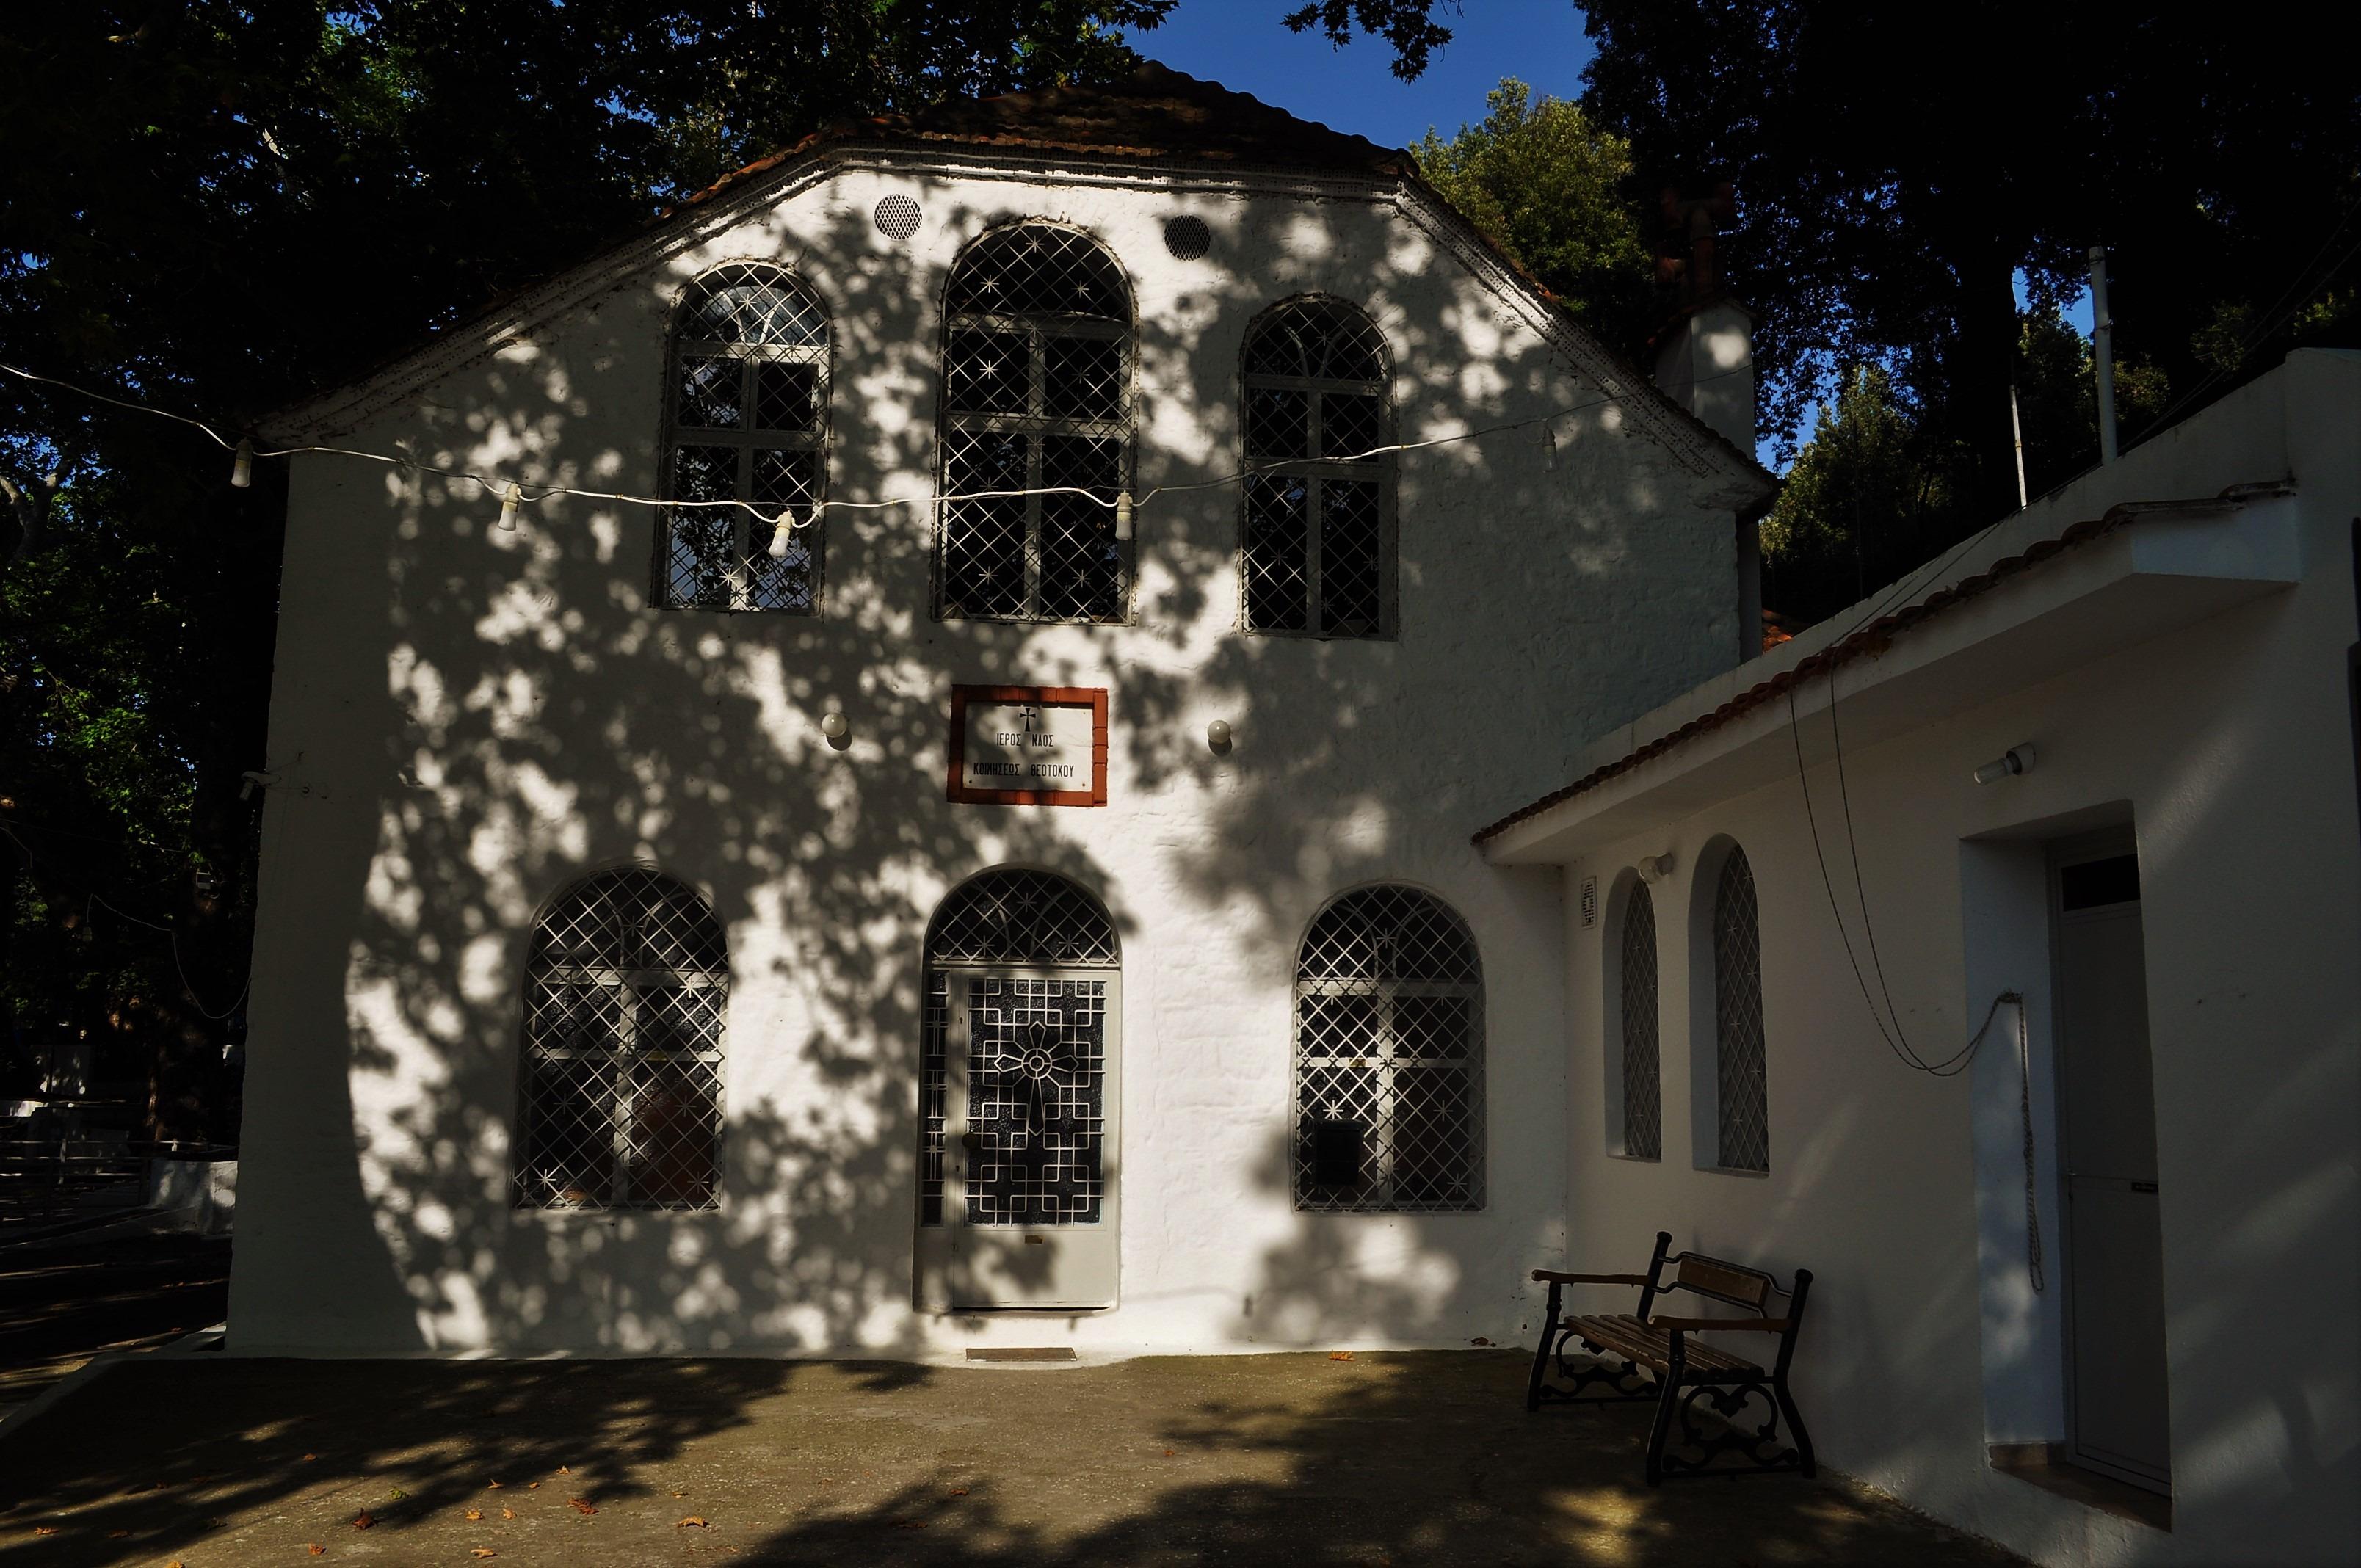 """В края на селото се намира каменната църква """"Успение Богородично"""", от 19 век. В двора й блика бистроструен извор с ледена питейна водица – истинска благодат през ужасните тасовски жеги."""